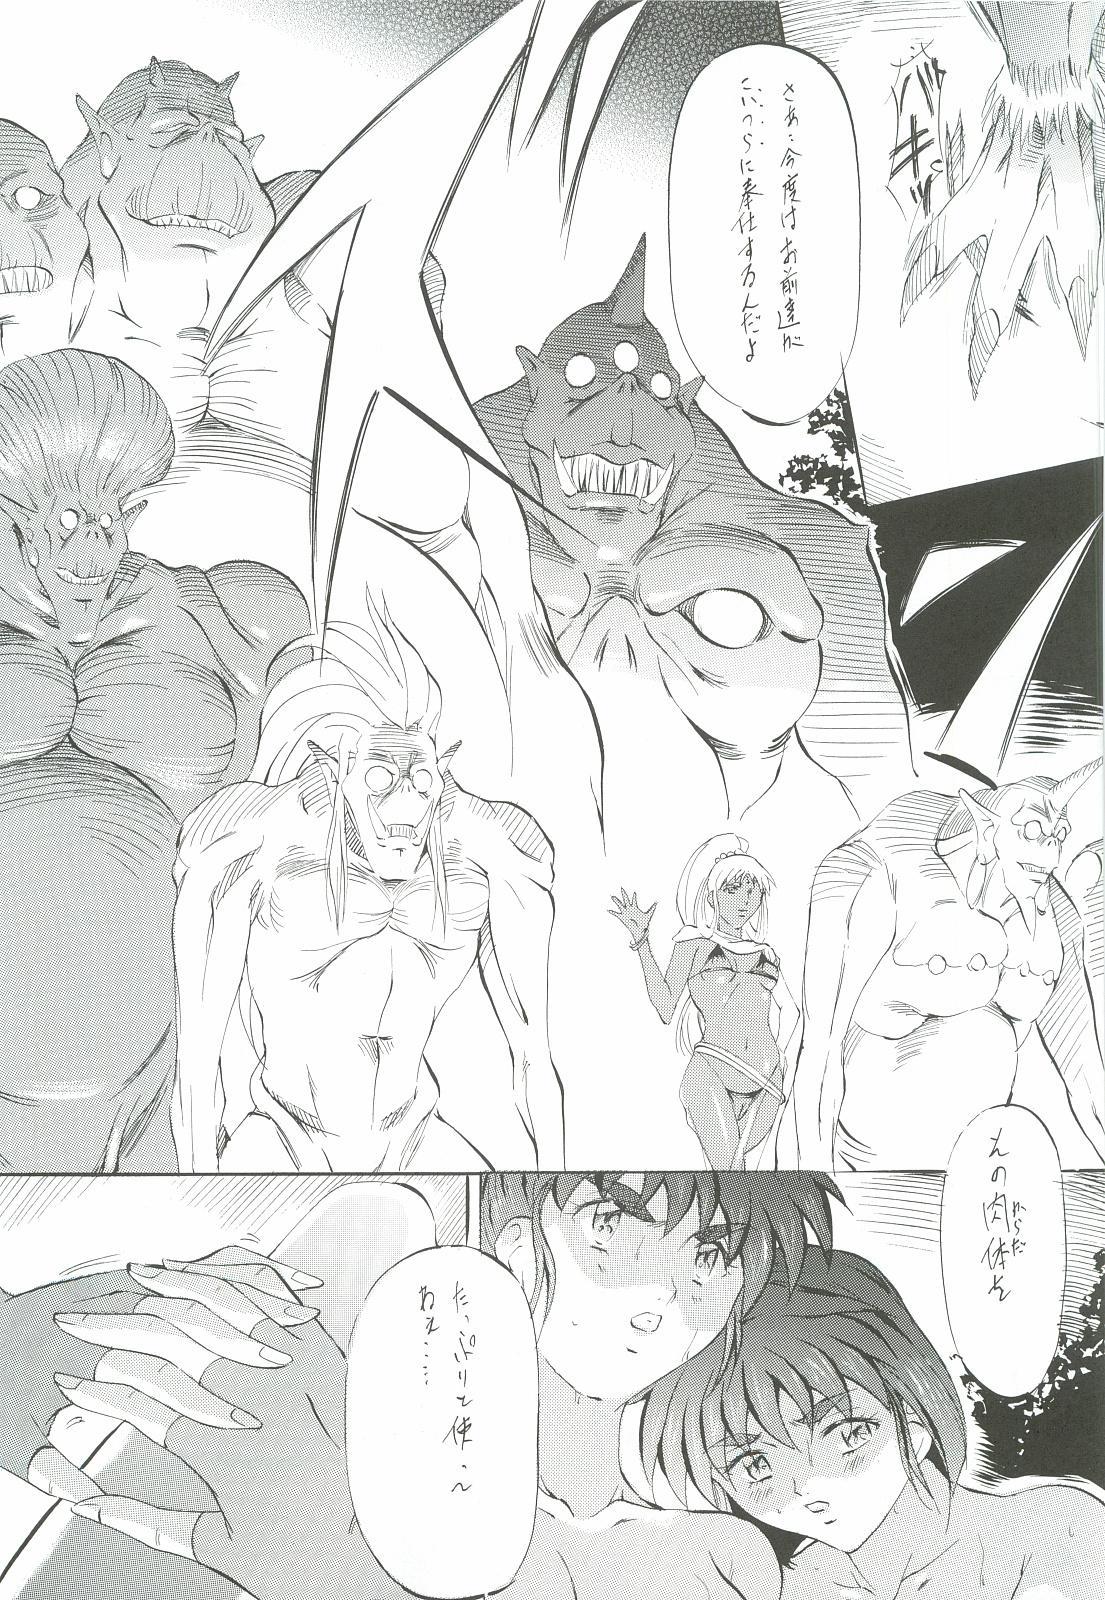 Ai & Mai Gaiden - Kishin Fukkatsu no Shou 127